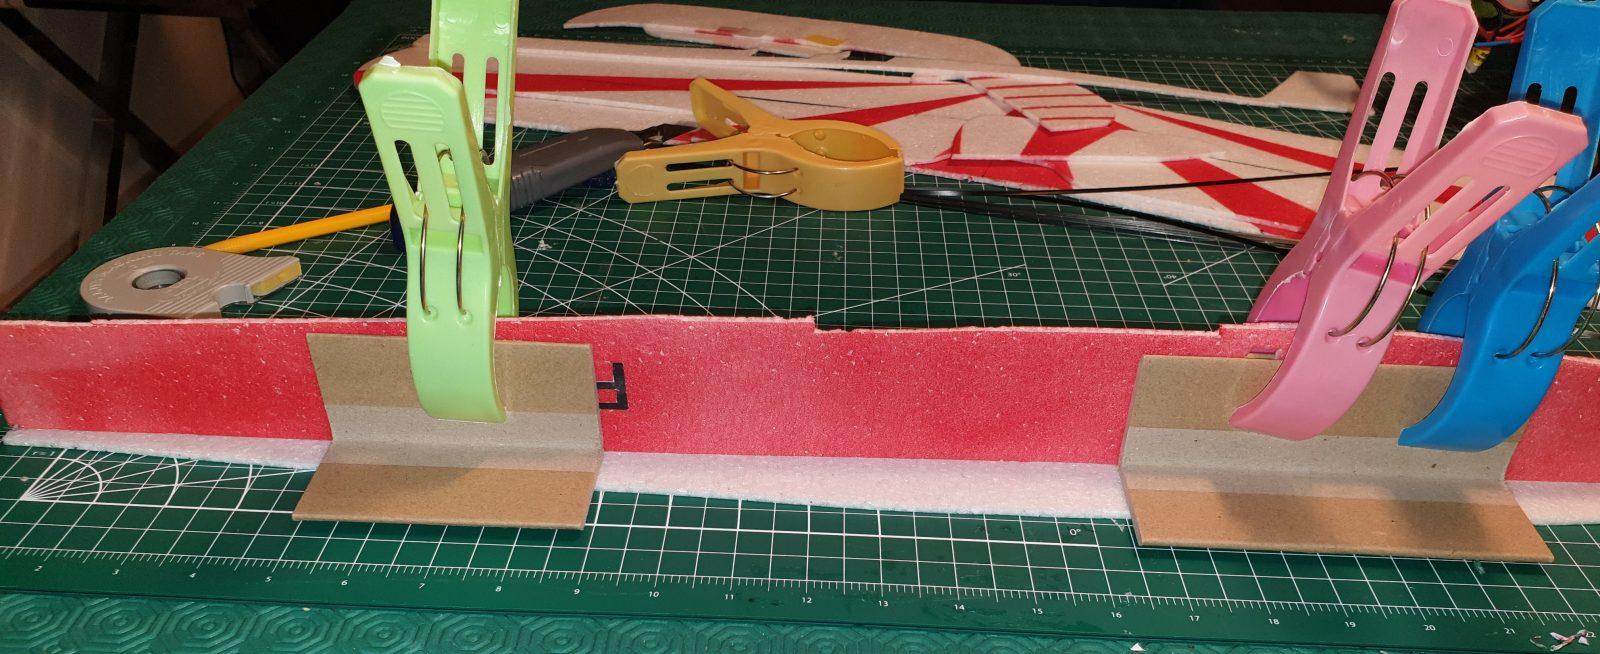 Start of epp SV4 assembly